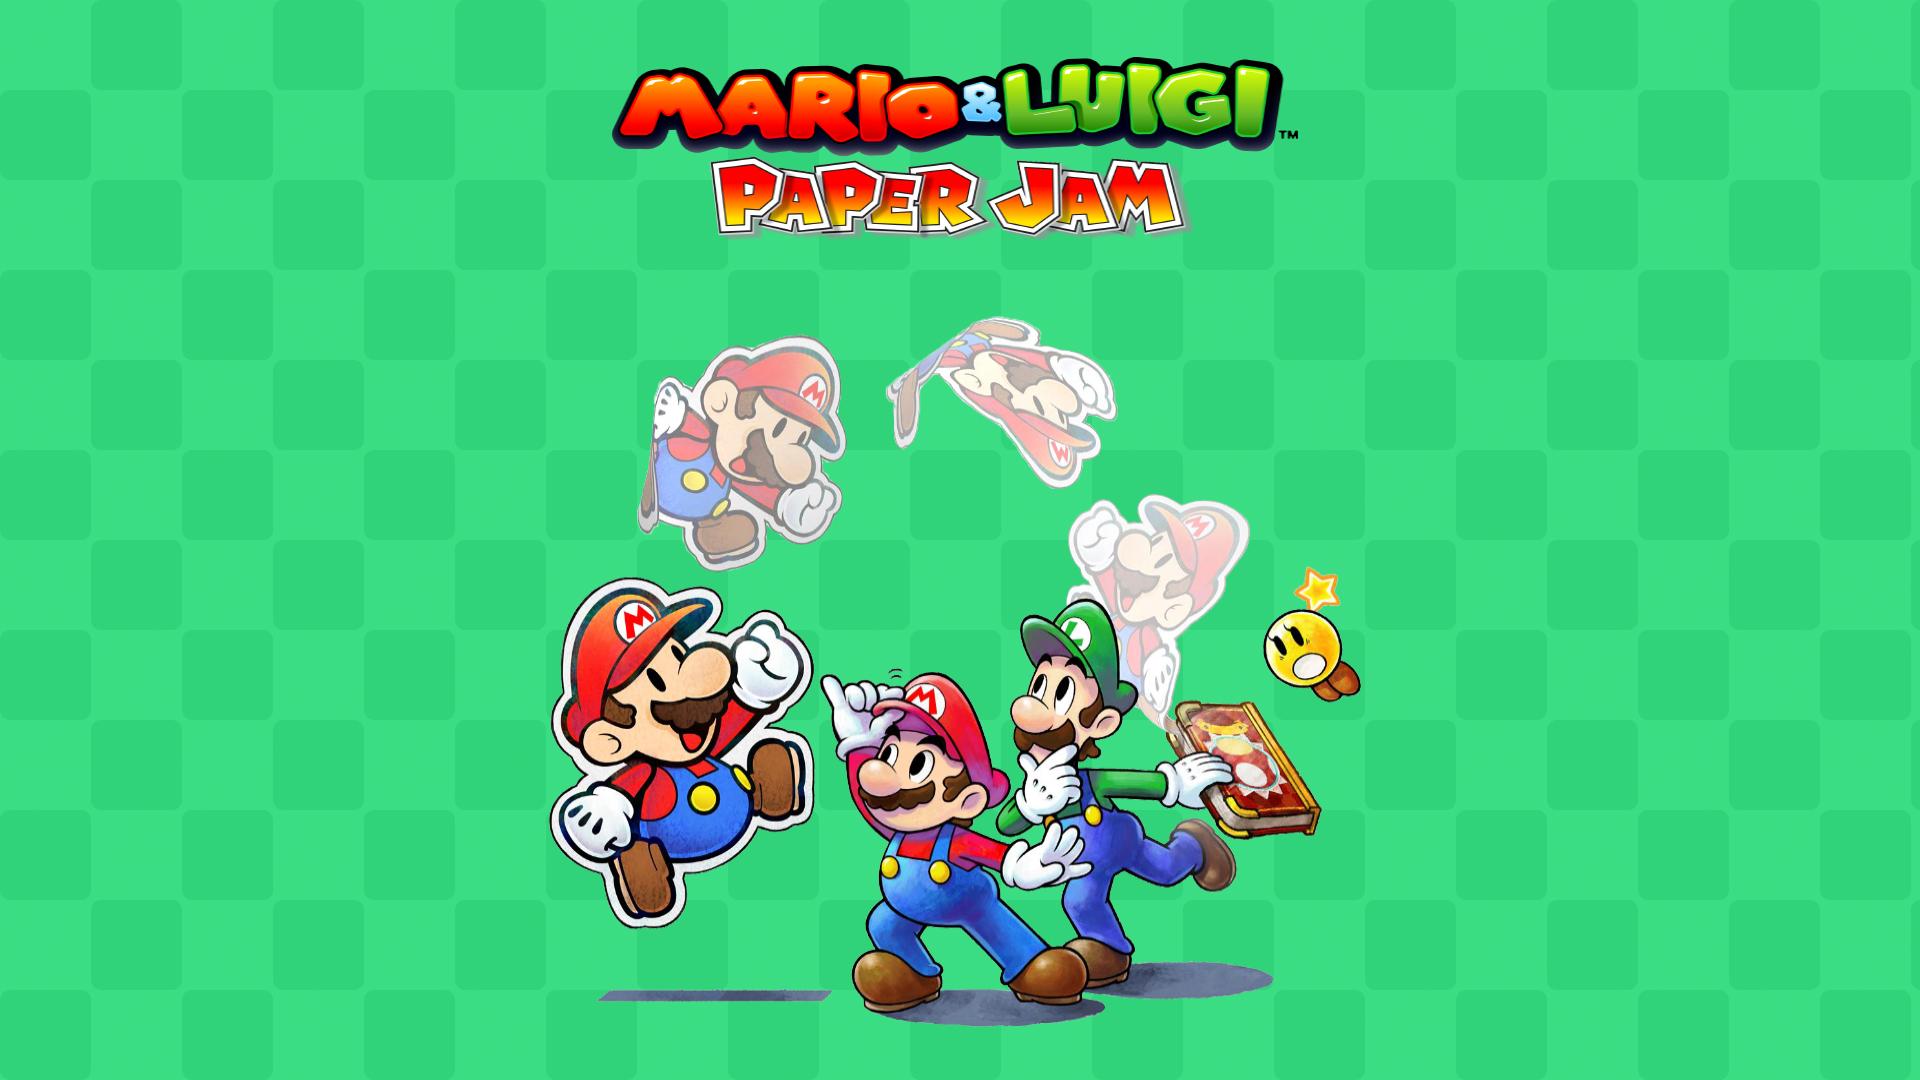 Mario and luigi paper jam wallpaper by zupertompa on deviantart mario and luigi paper jam wallpaper by zupertompa altavistaventures Gallery